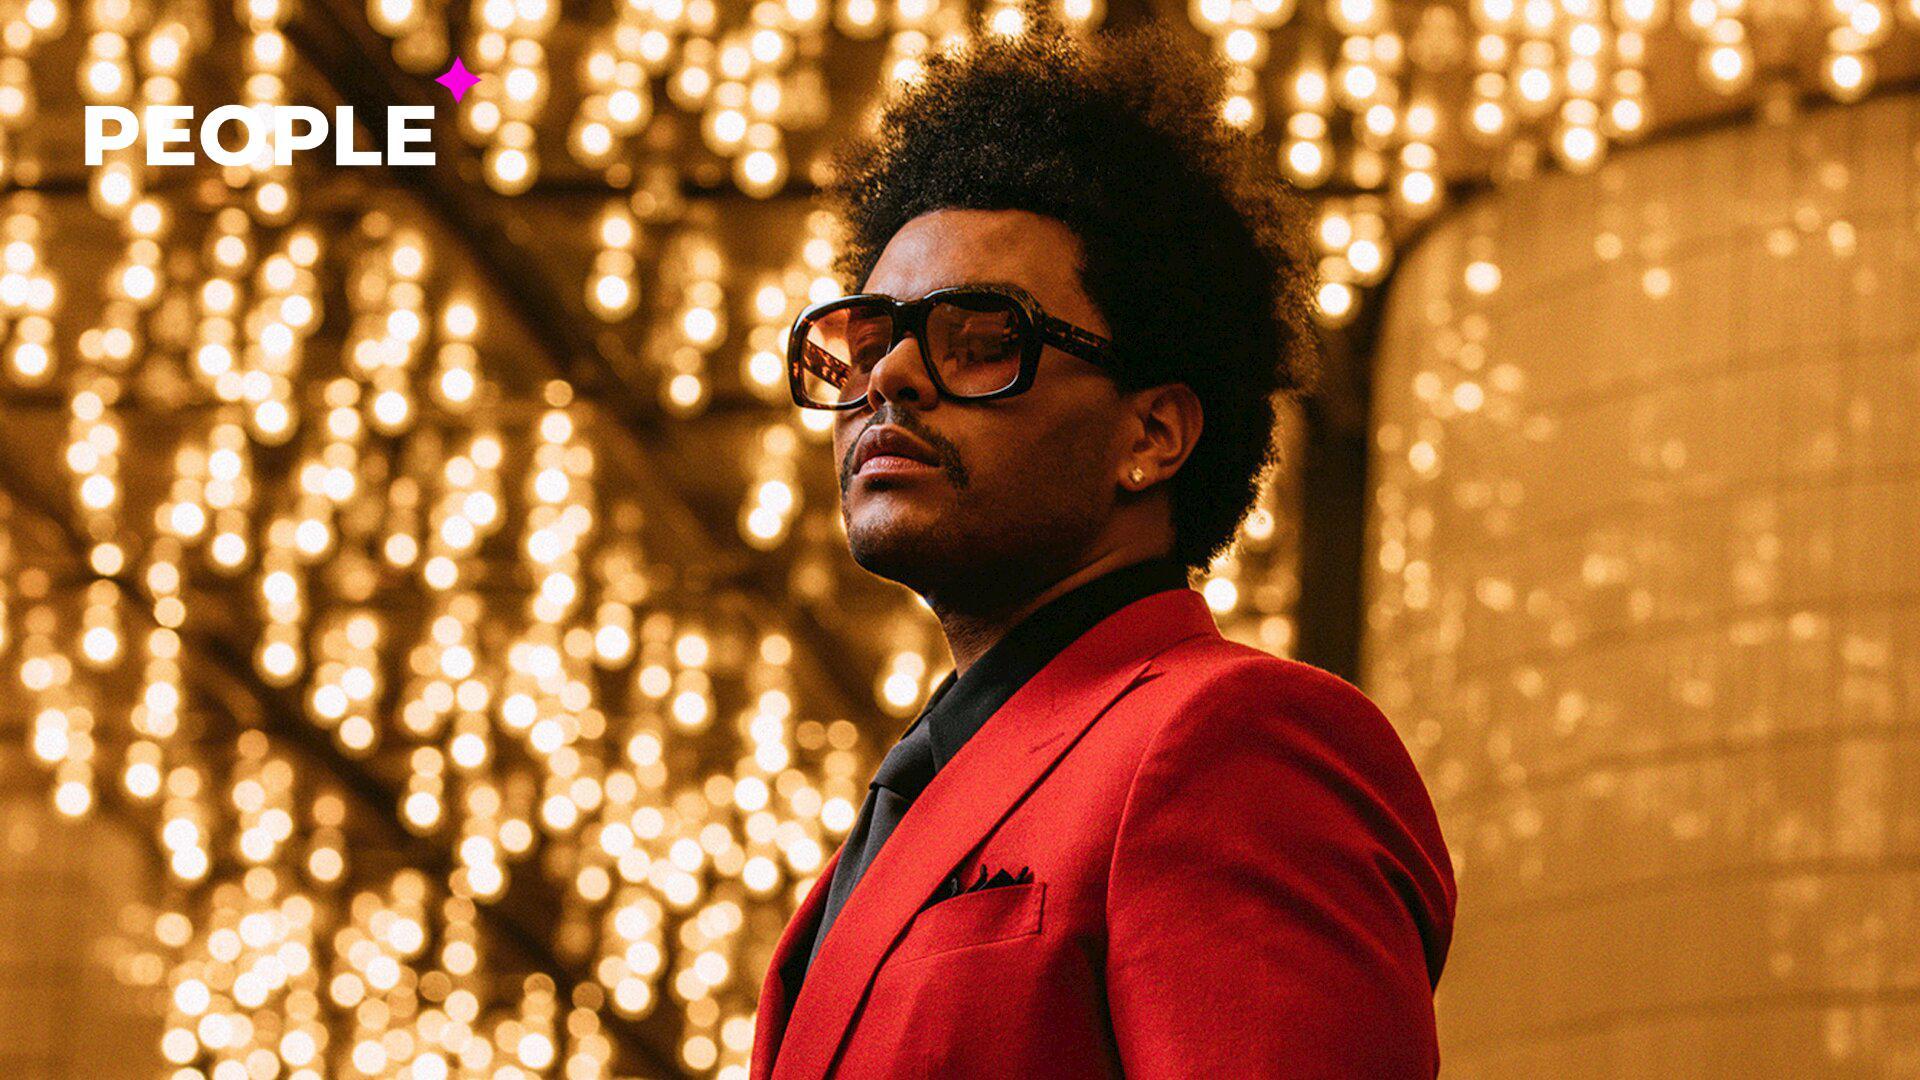 Клип The Weeknd запретили показывать в кинотеатрах из-за угрозы эпилепсии